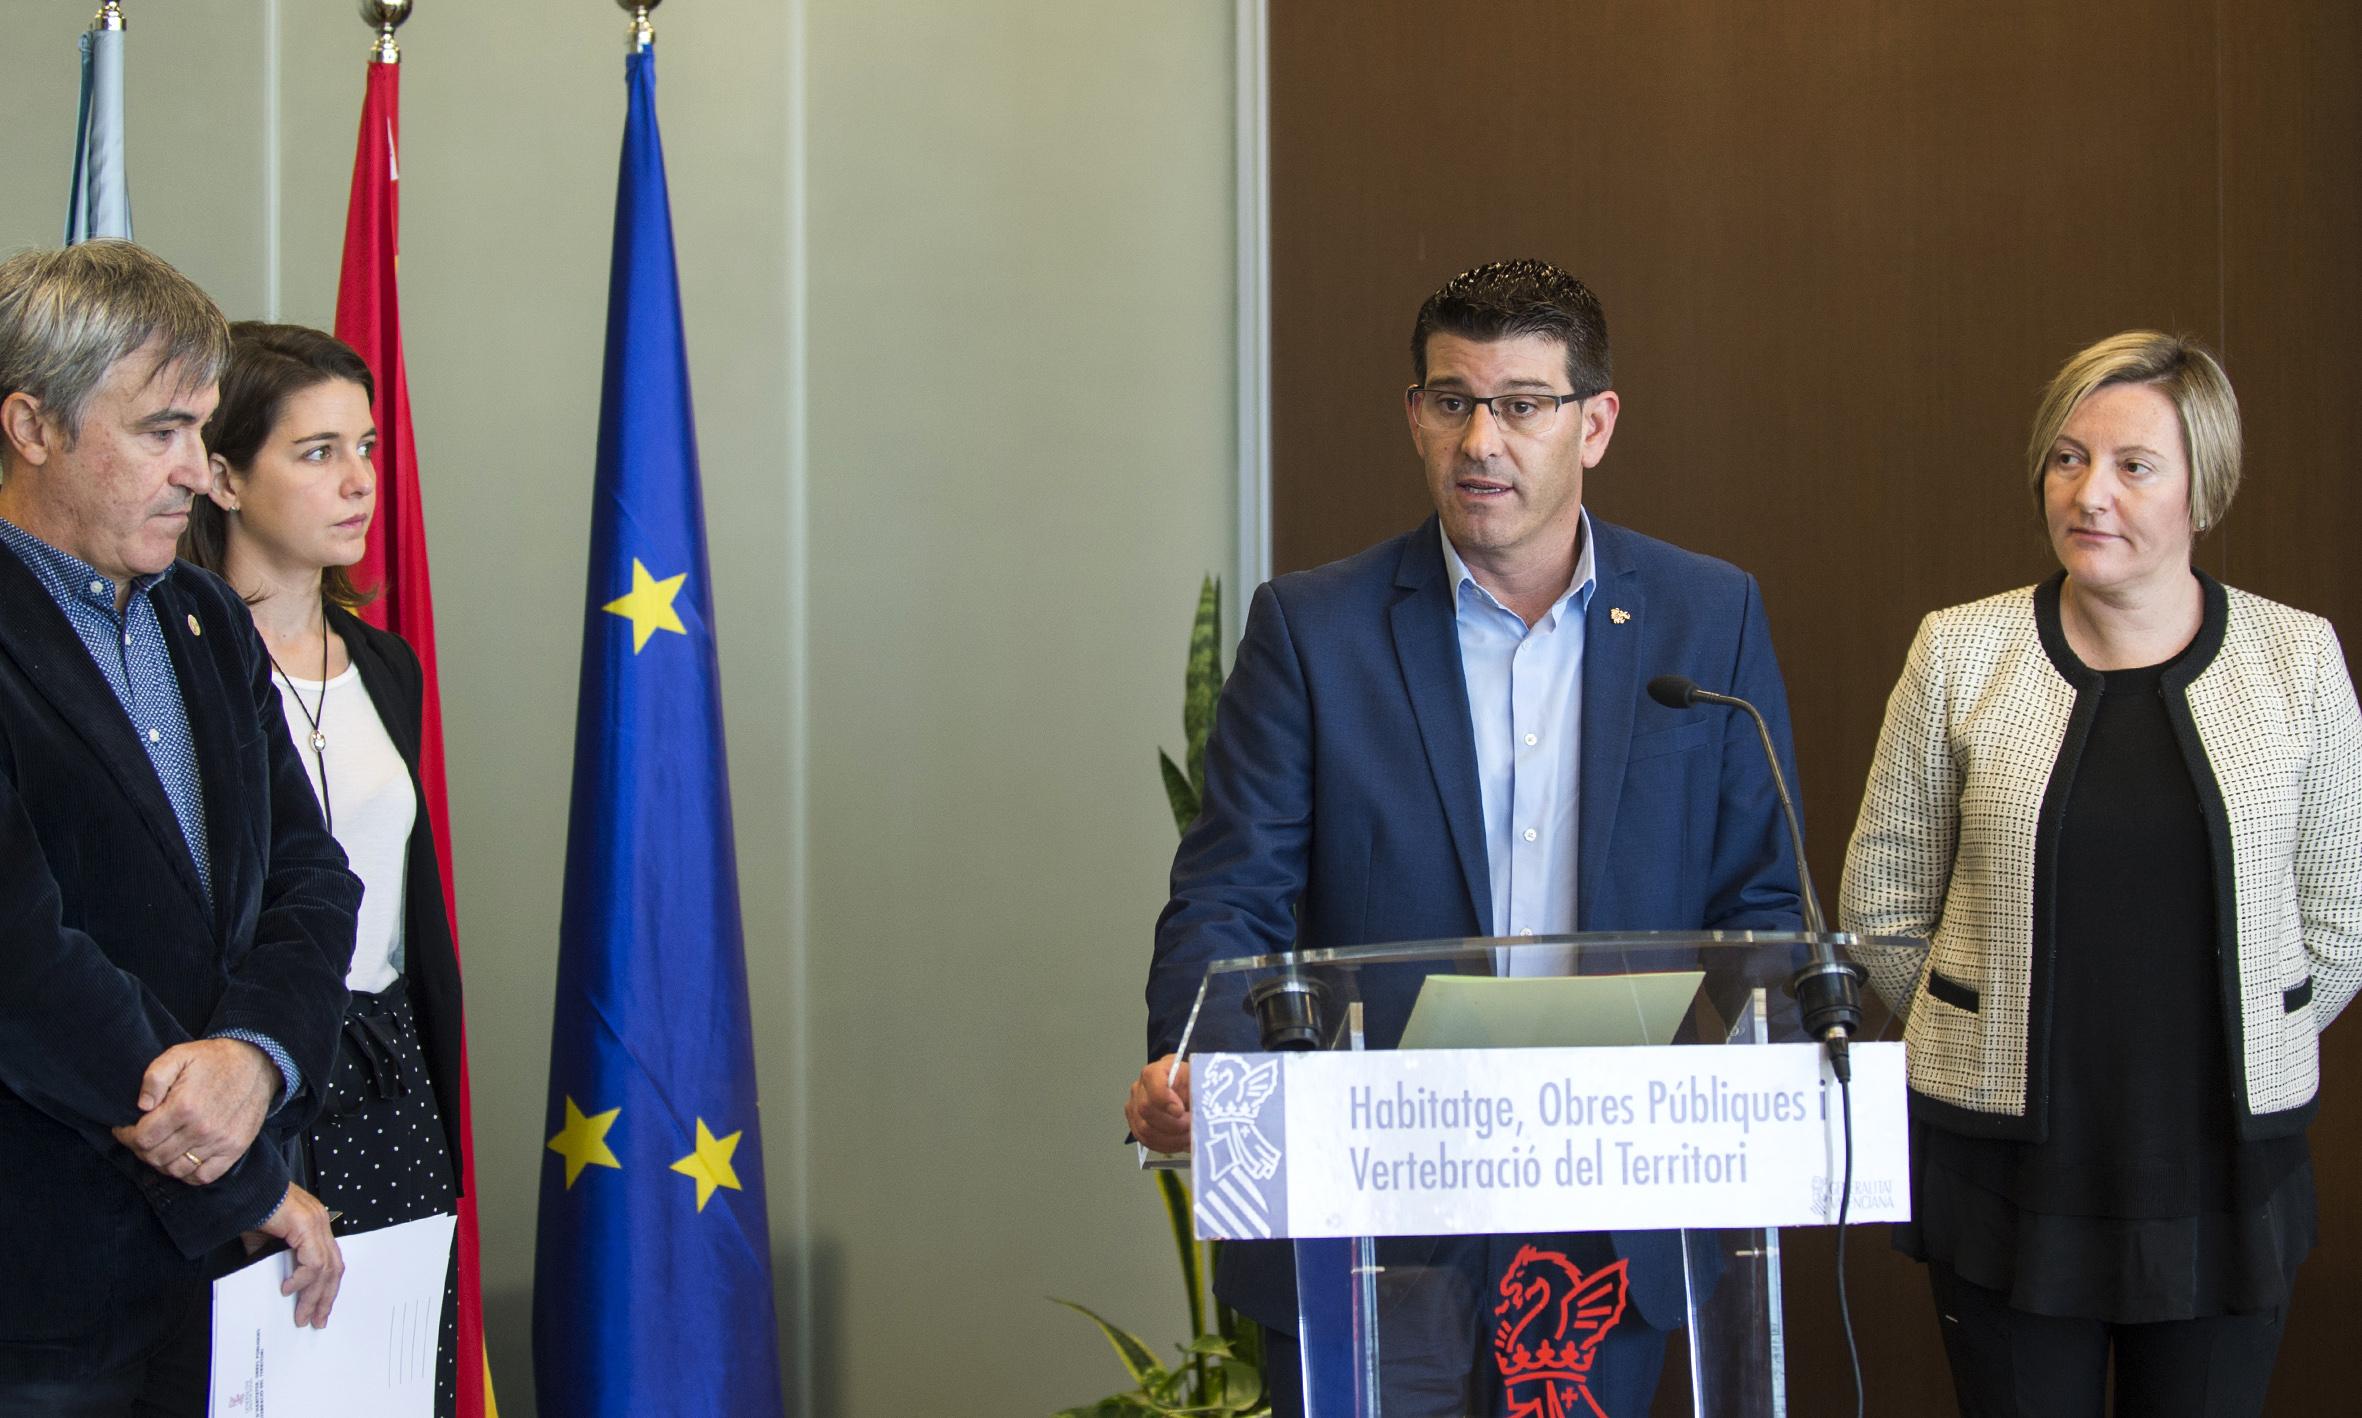 El presidente de la Diputació Jorge Rodríguez, junto a Mª José Salvador, consellera de Vivienda, Obras Públicas y Vertebración del Territorio.